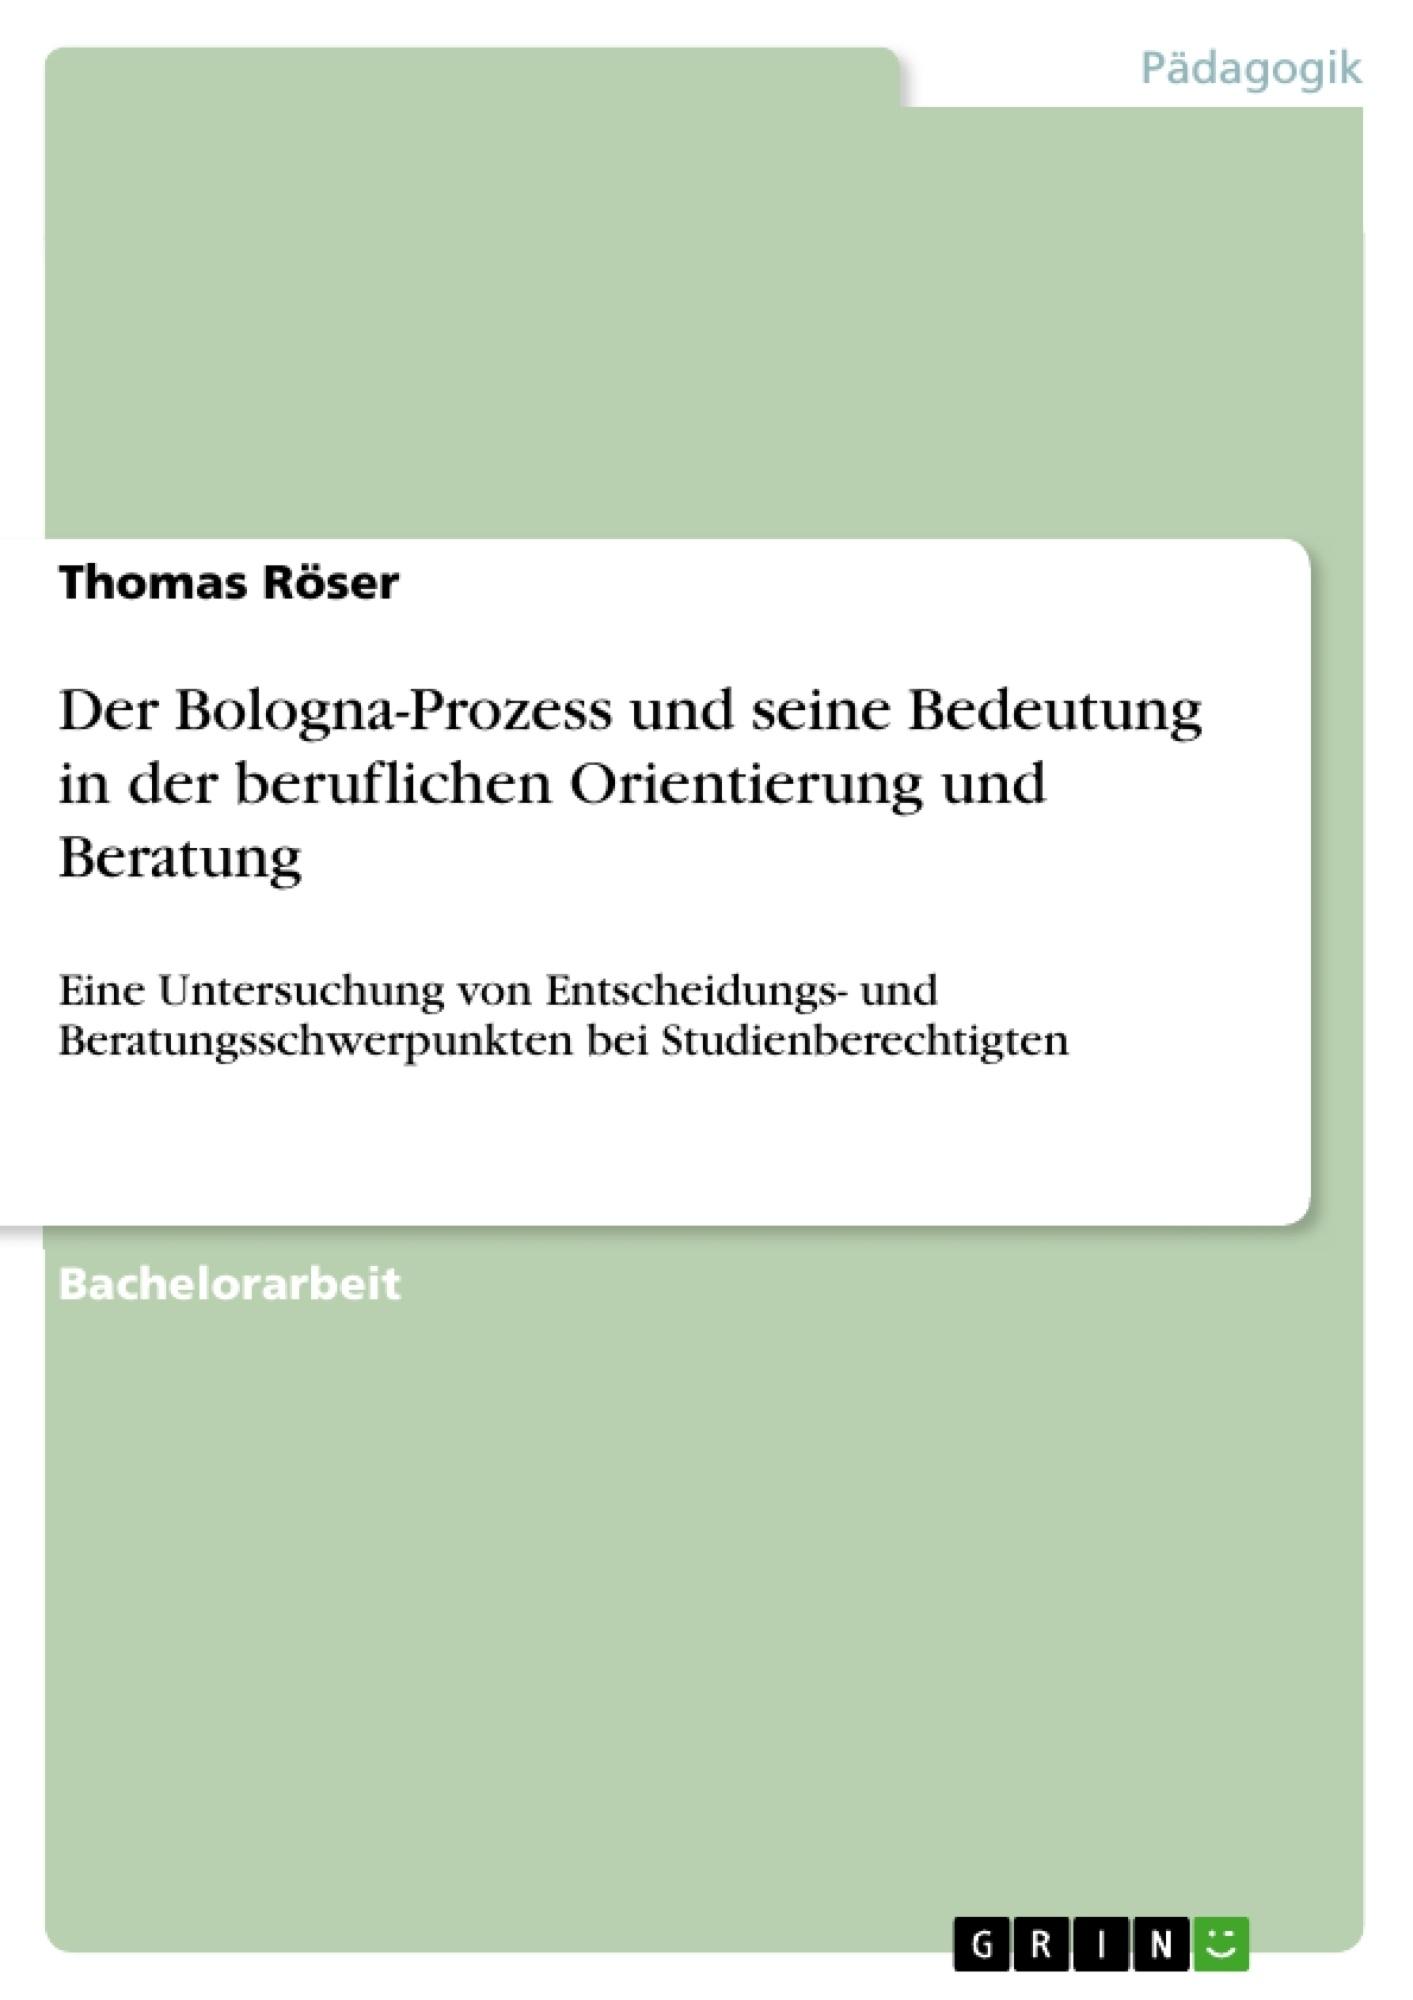 Titel: Der Bologna-Prozess und seine Bedeutung in der beruflichen Orientierung und Beratung